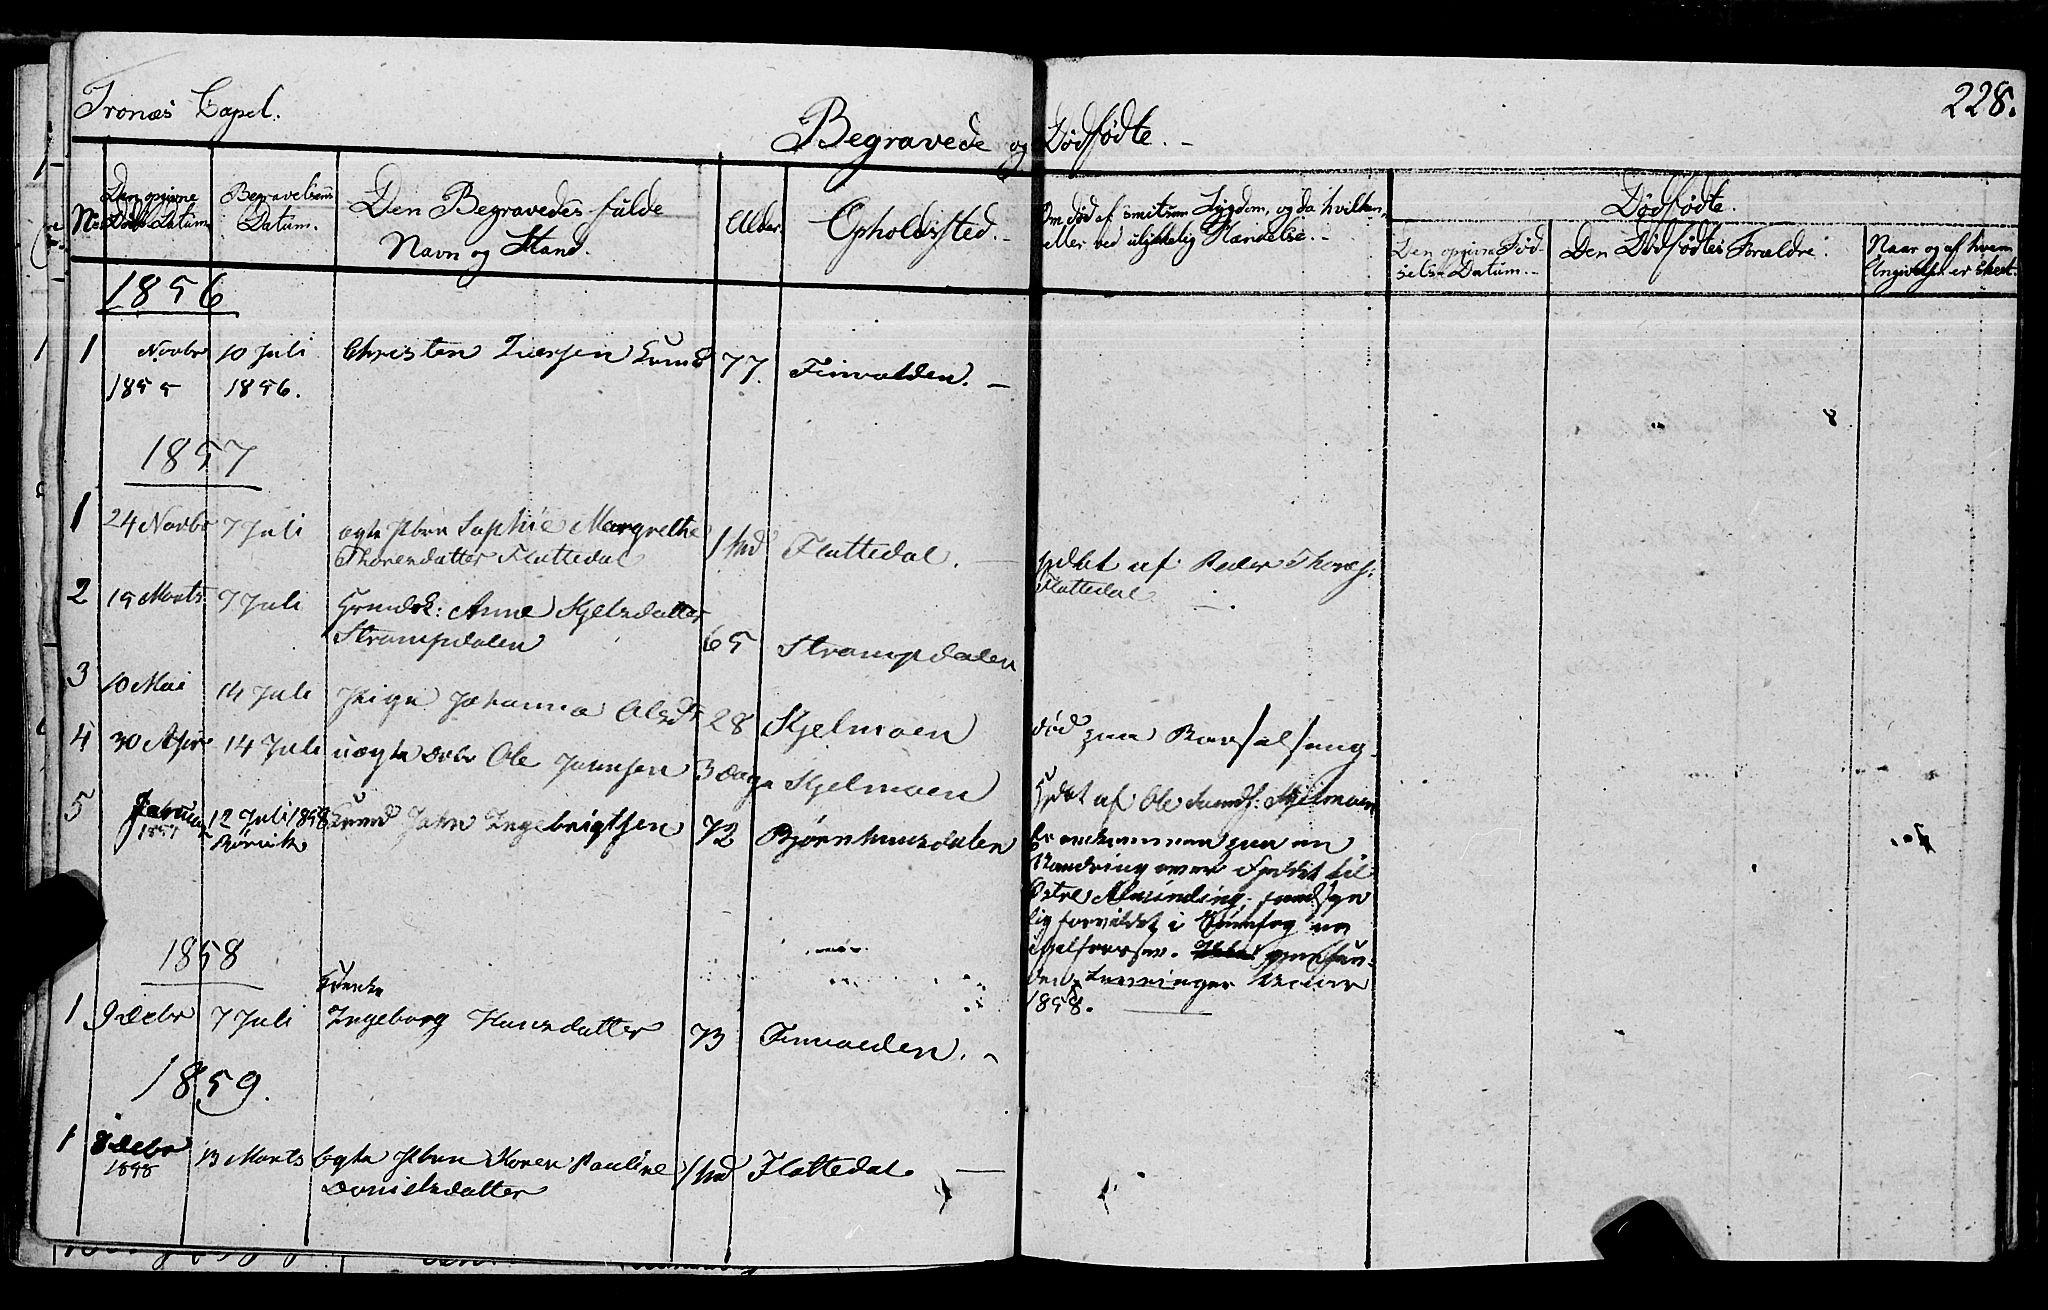 SAT, Ministerialprotokoller, klokkerbøker og fødselsregistre - Nord-Trøndelag, 762/L0538: Ministerialbok nr. 762A02 /2, 1833-1879, s. 228